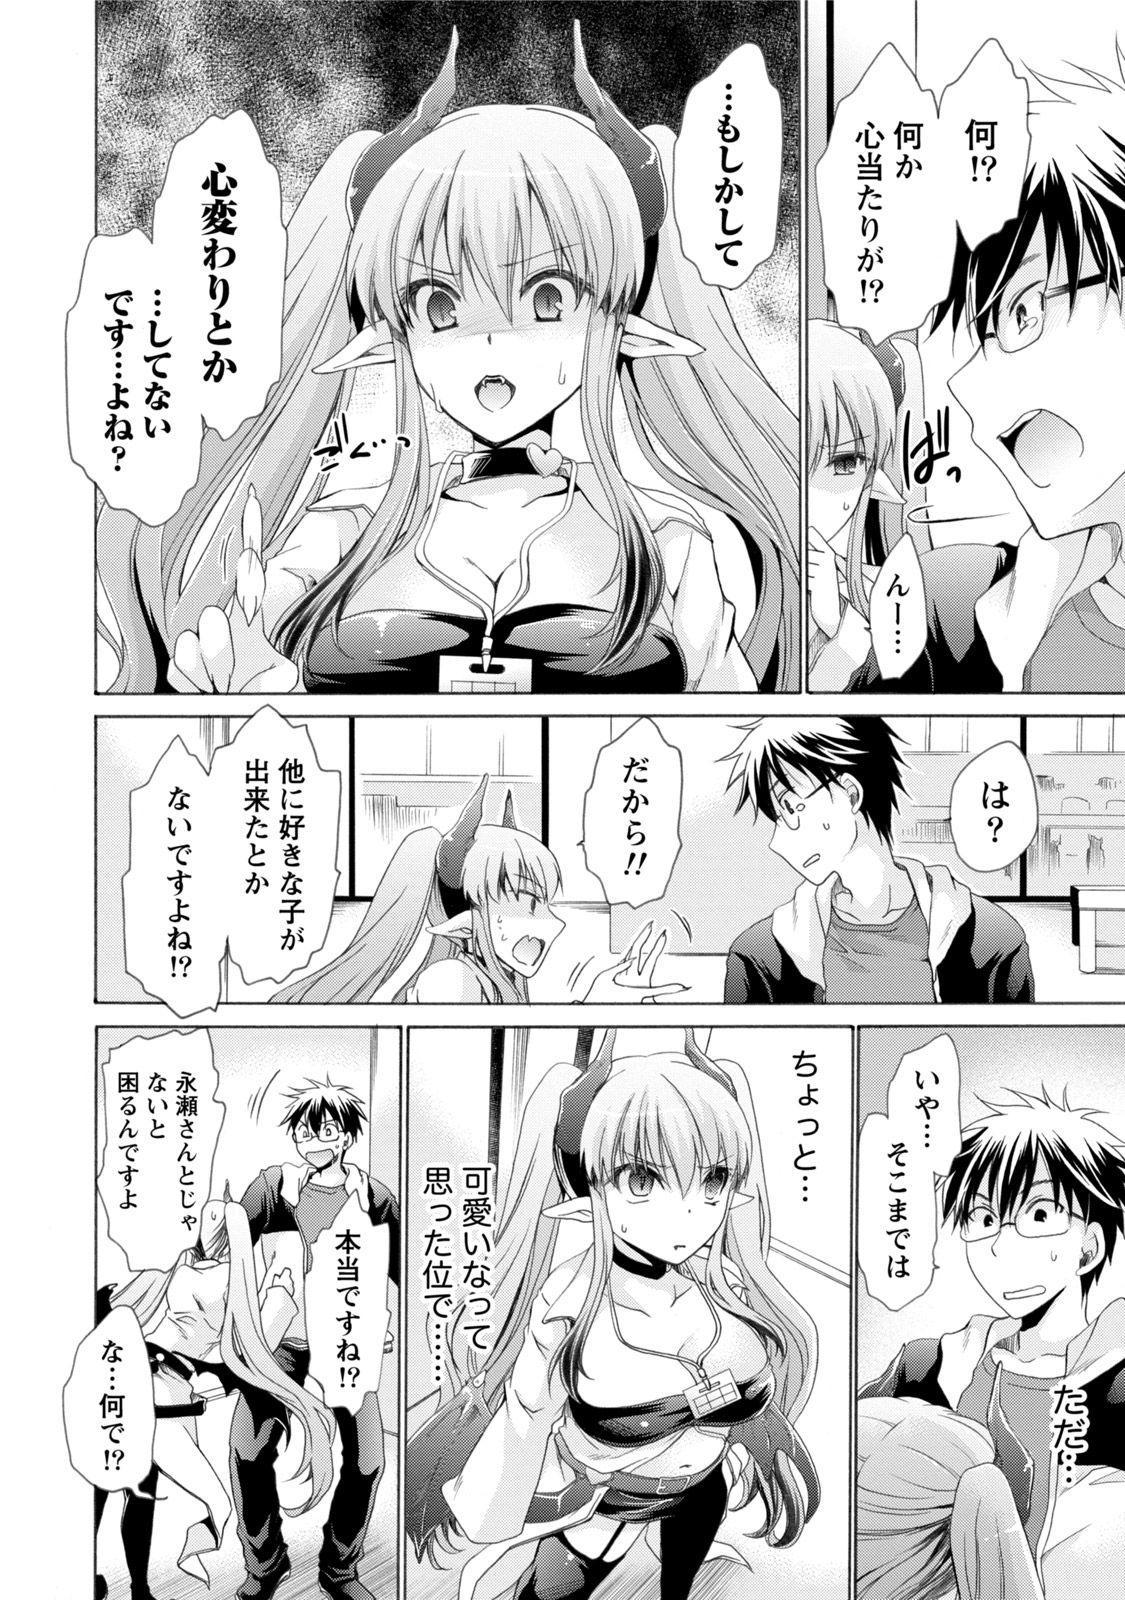 Ore to Kanojo to Owaru Sekai - World's end LoveStory 1 28